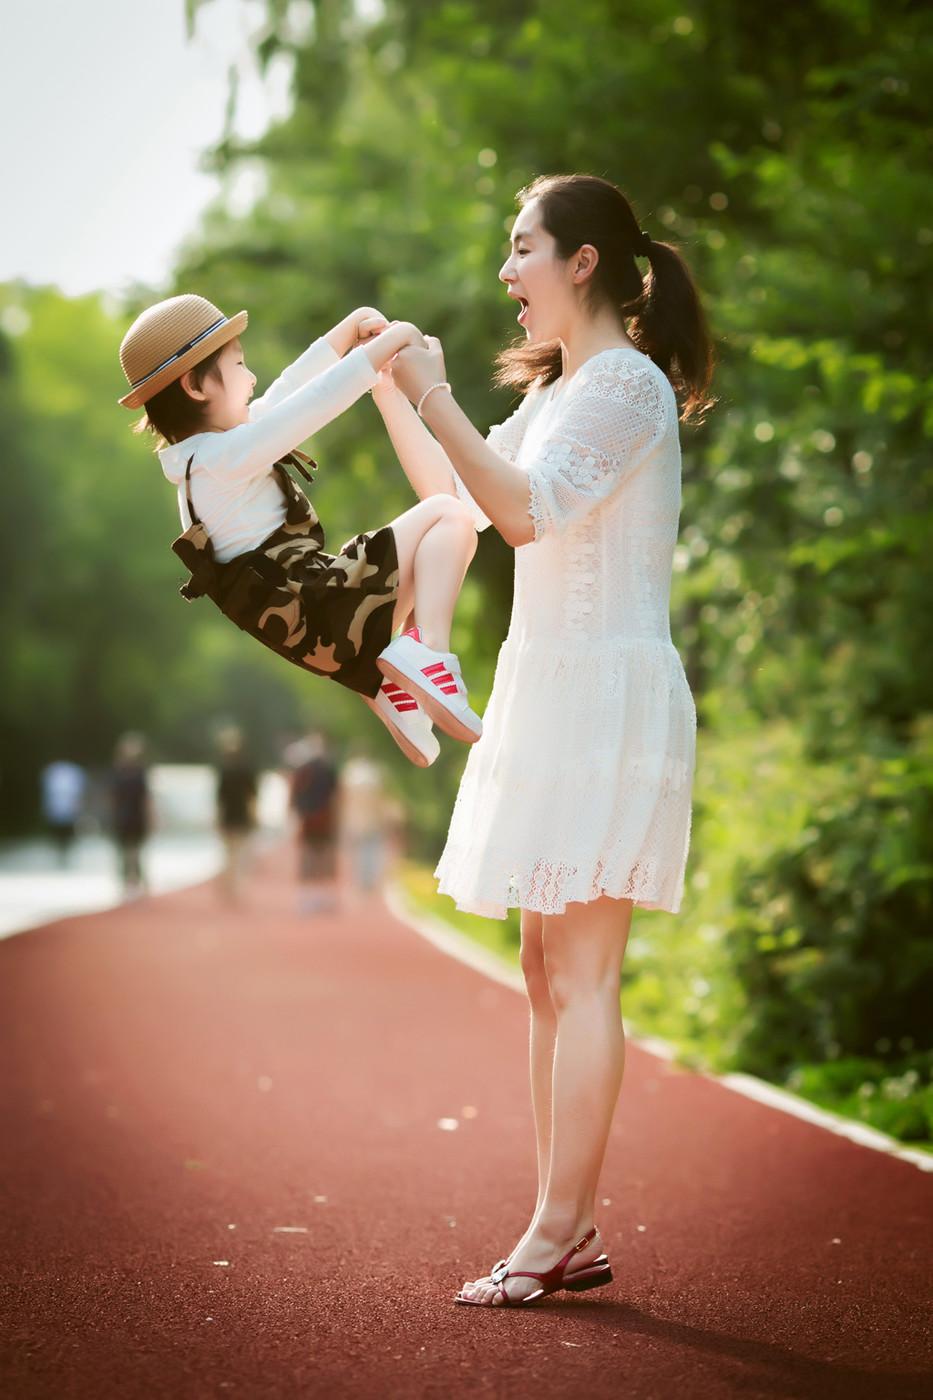 盛夏时节-带孩子们拍起来11